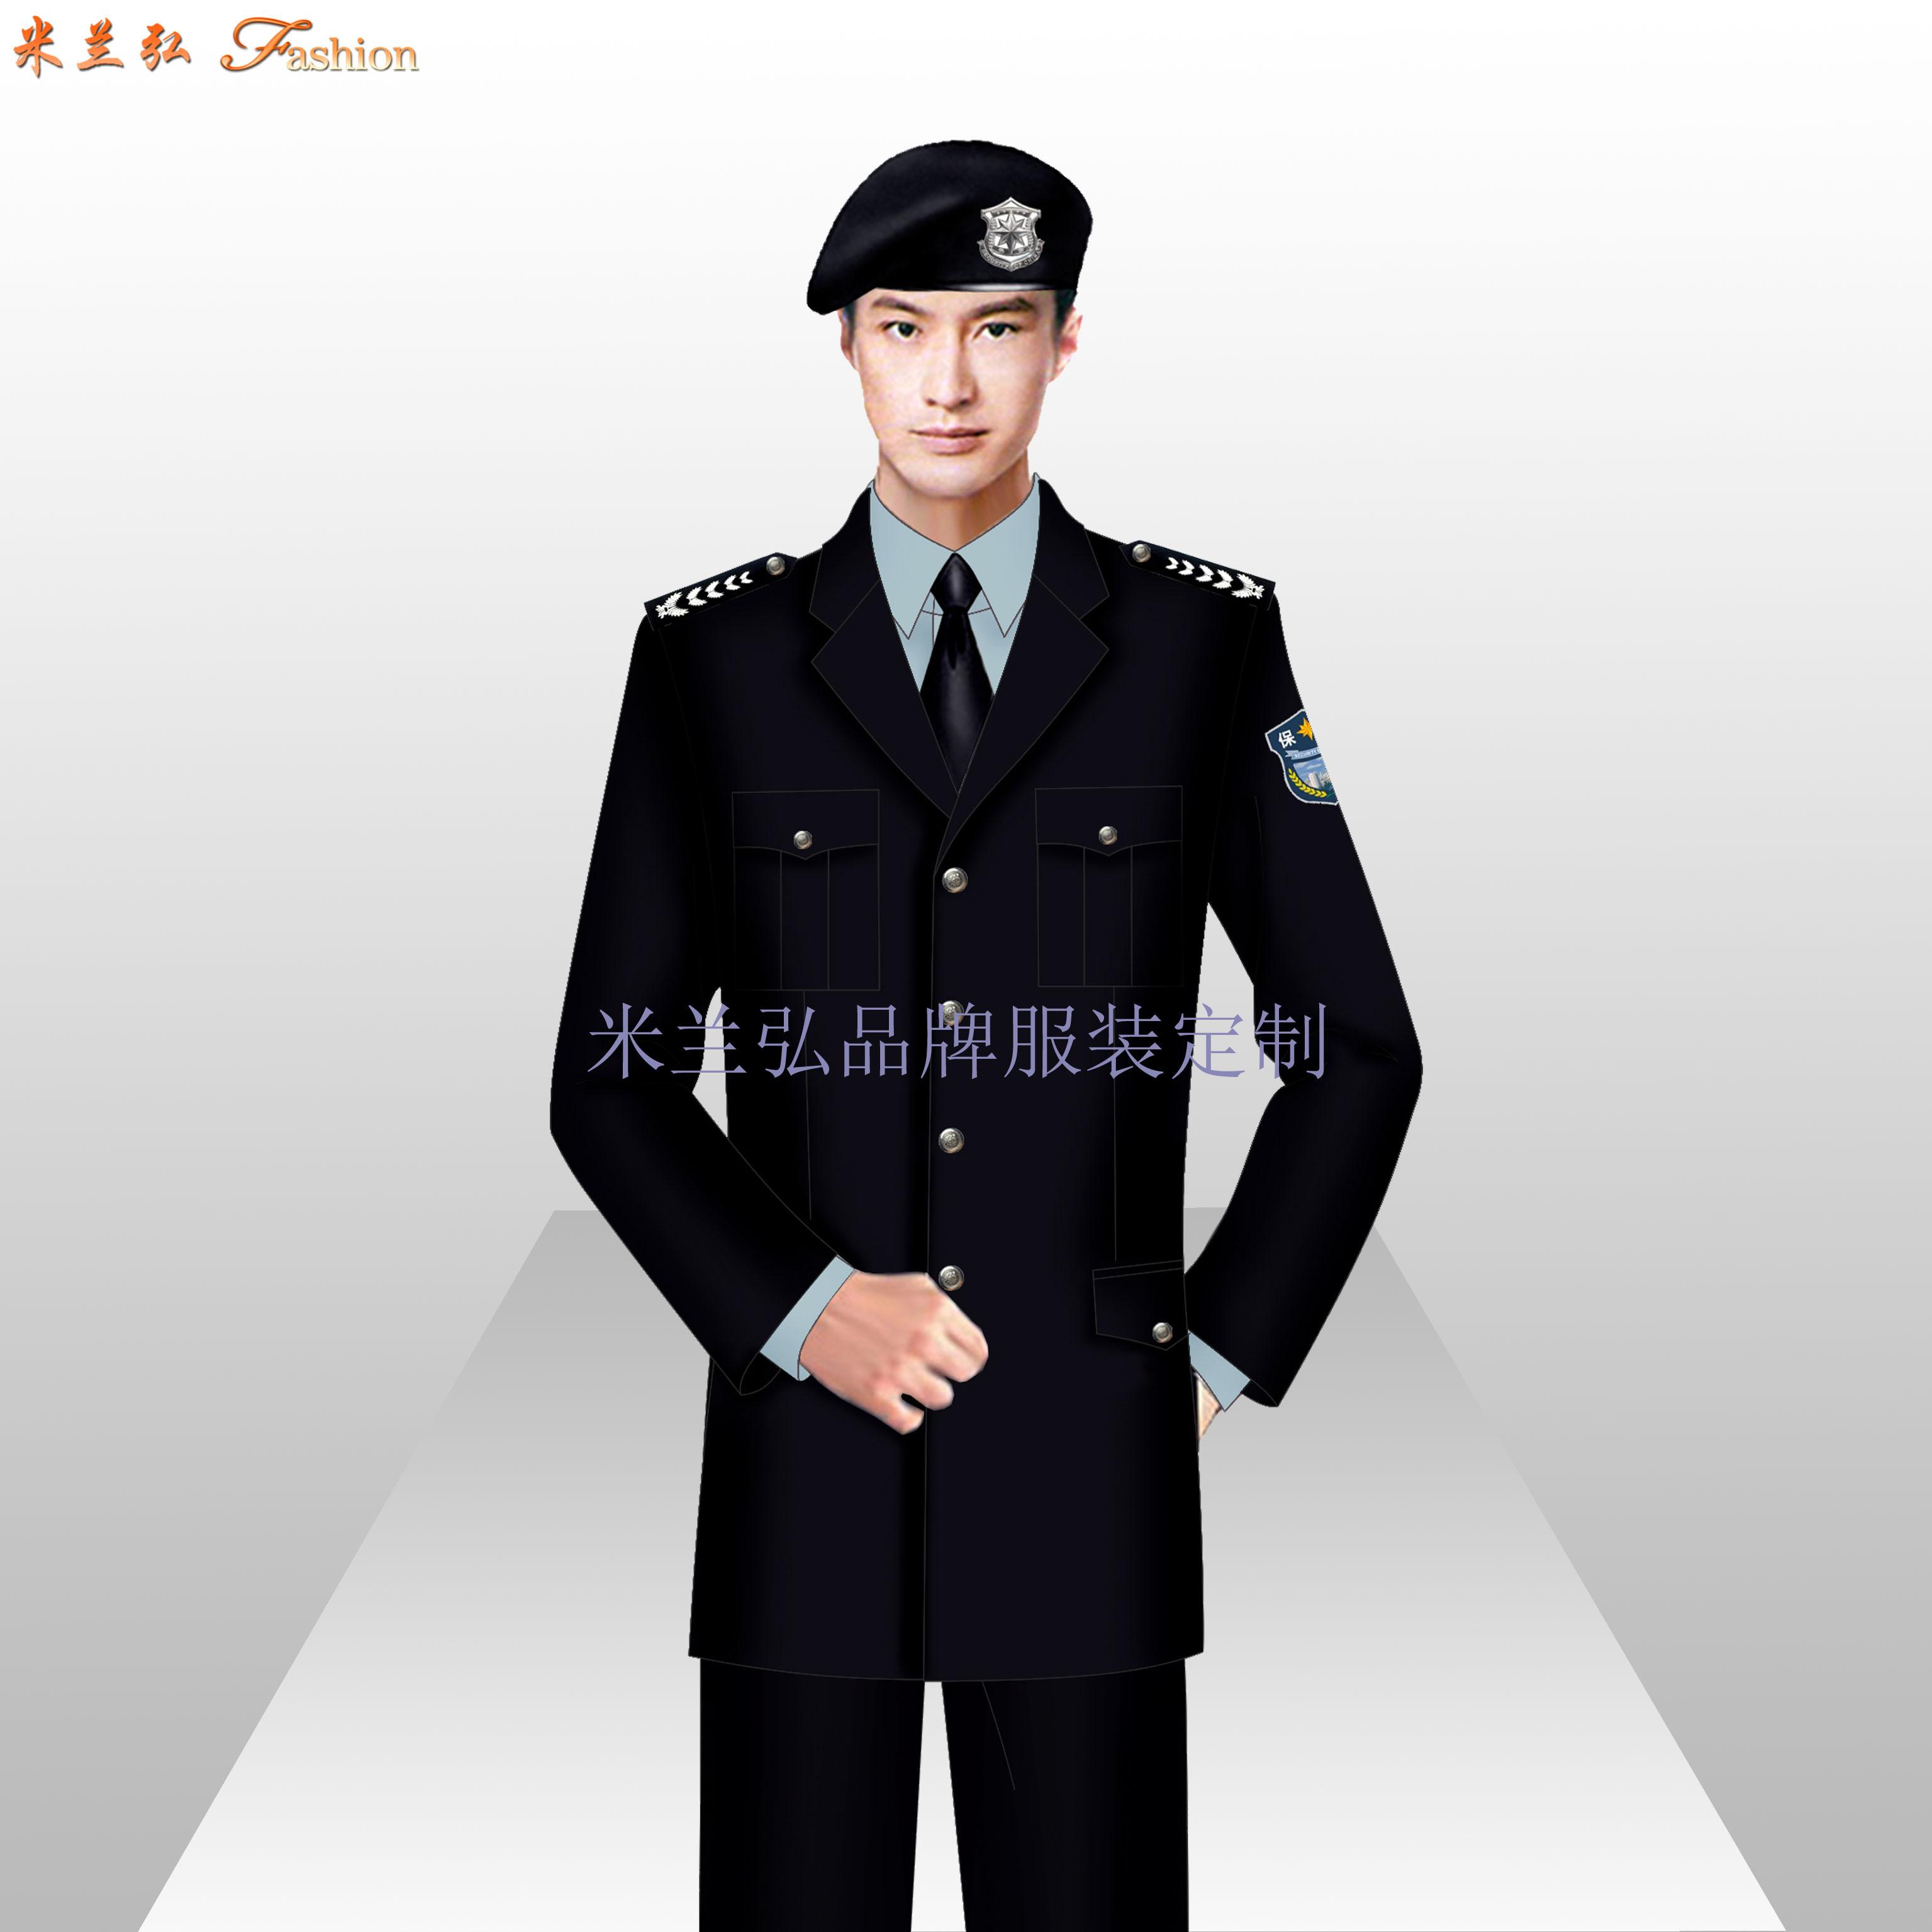 貝雷帽保安服圖片_新式保安服款式-米蘭弘服裝廠家-4